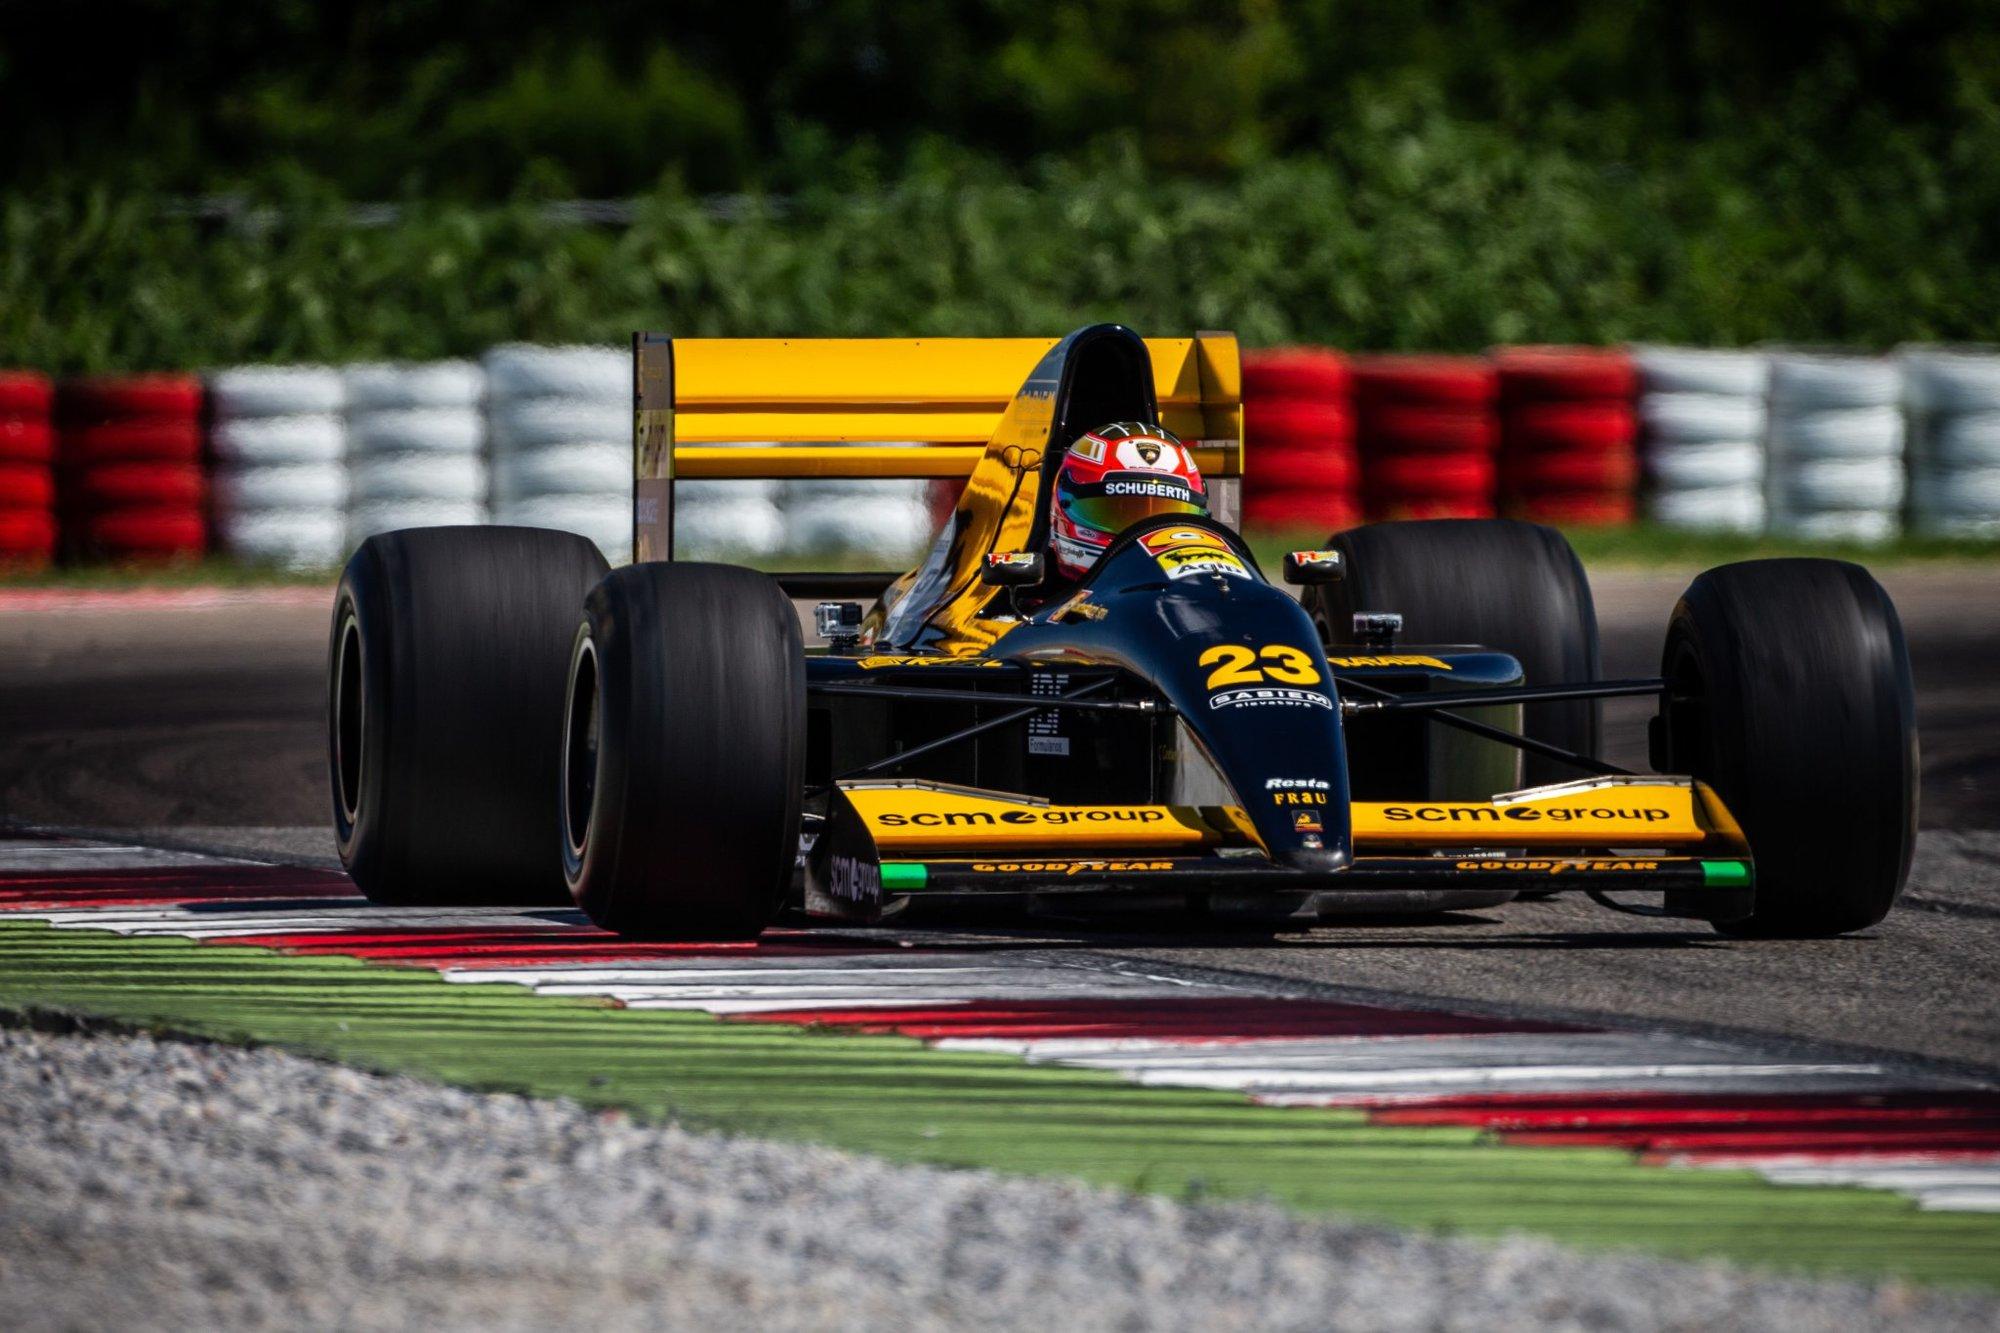 Líbilo by se vám vidět na trati znovu italské Minardi?